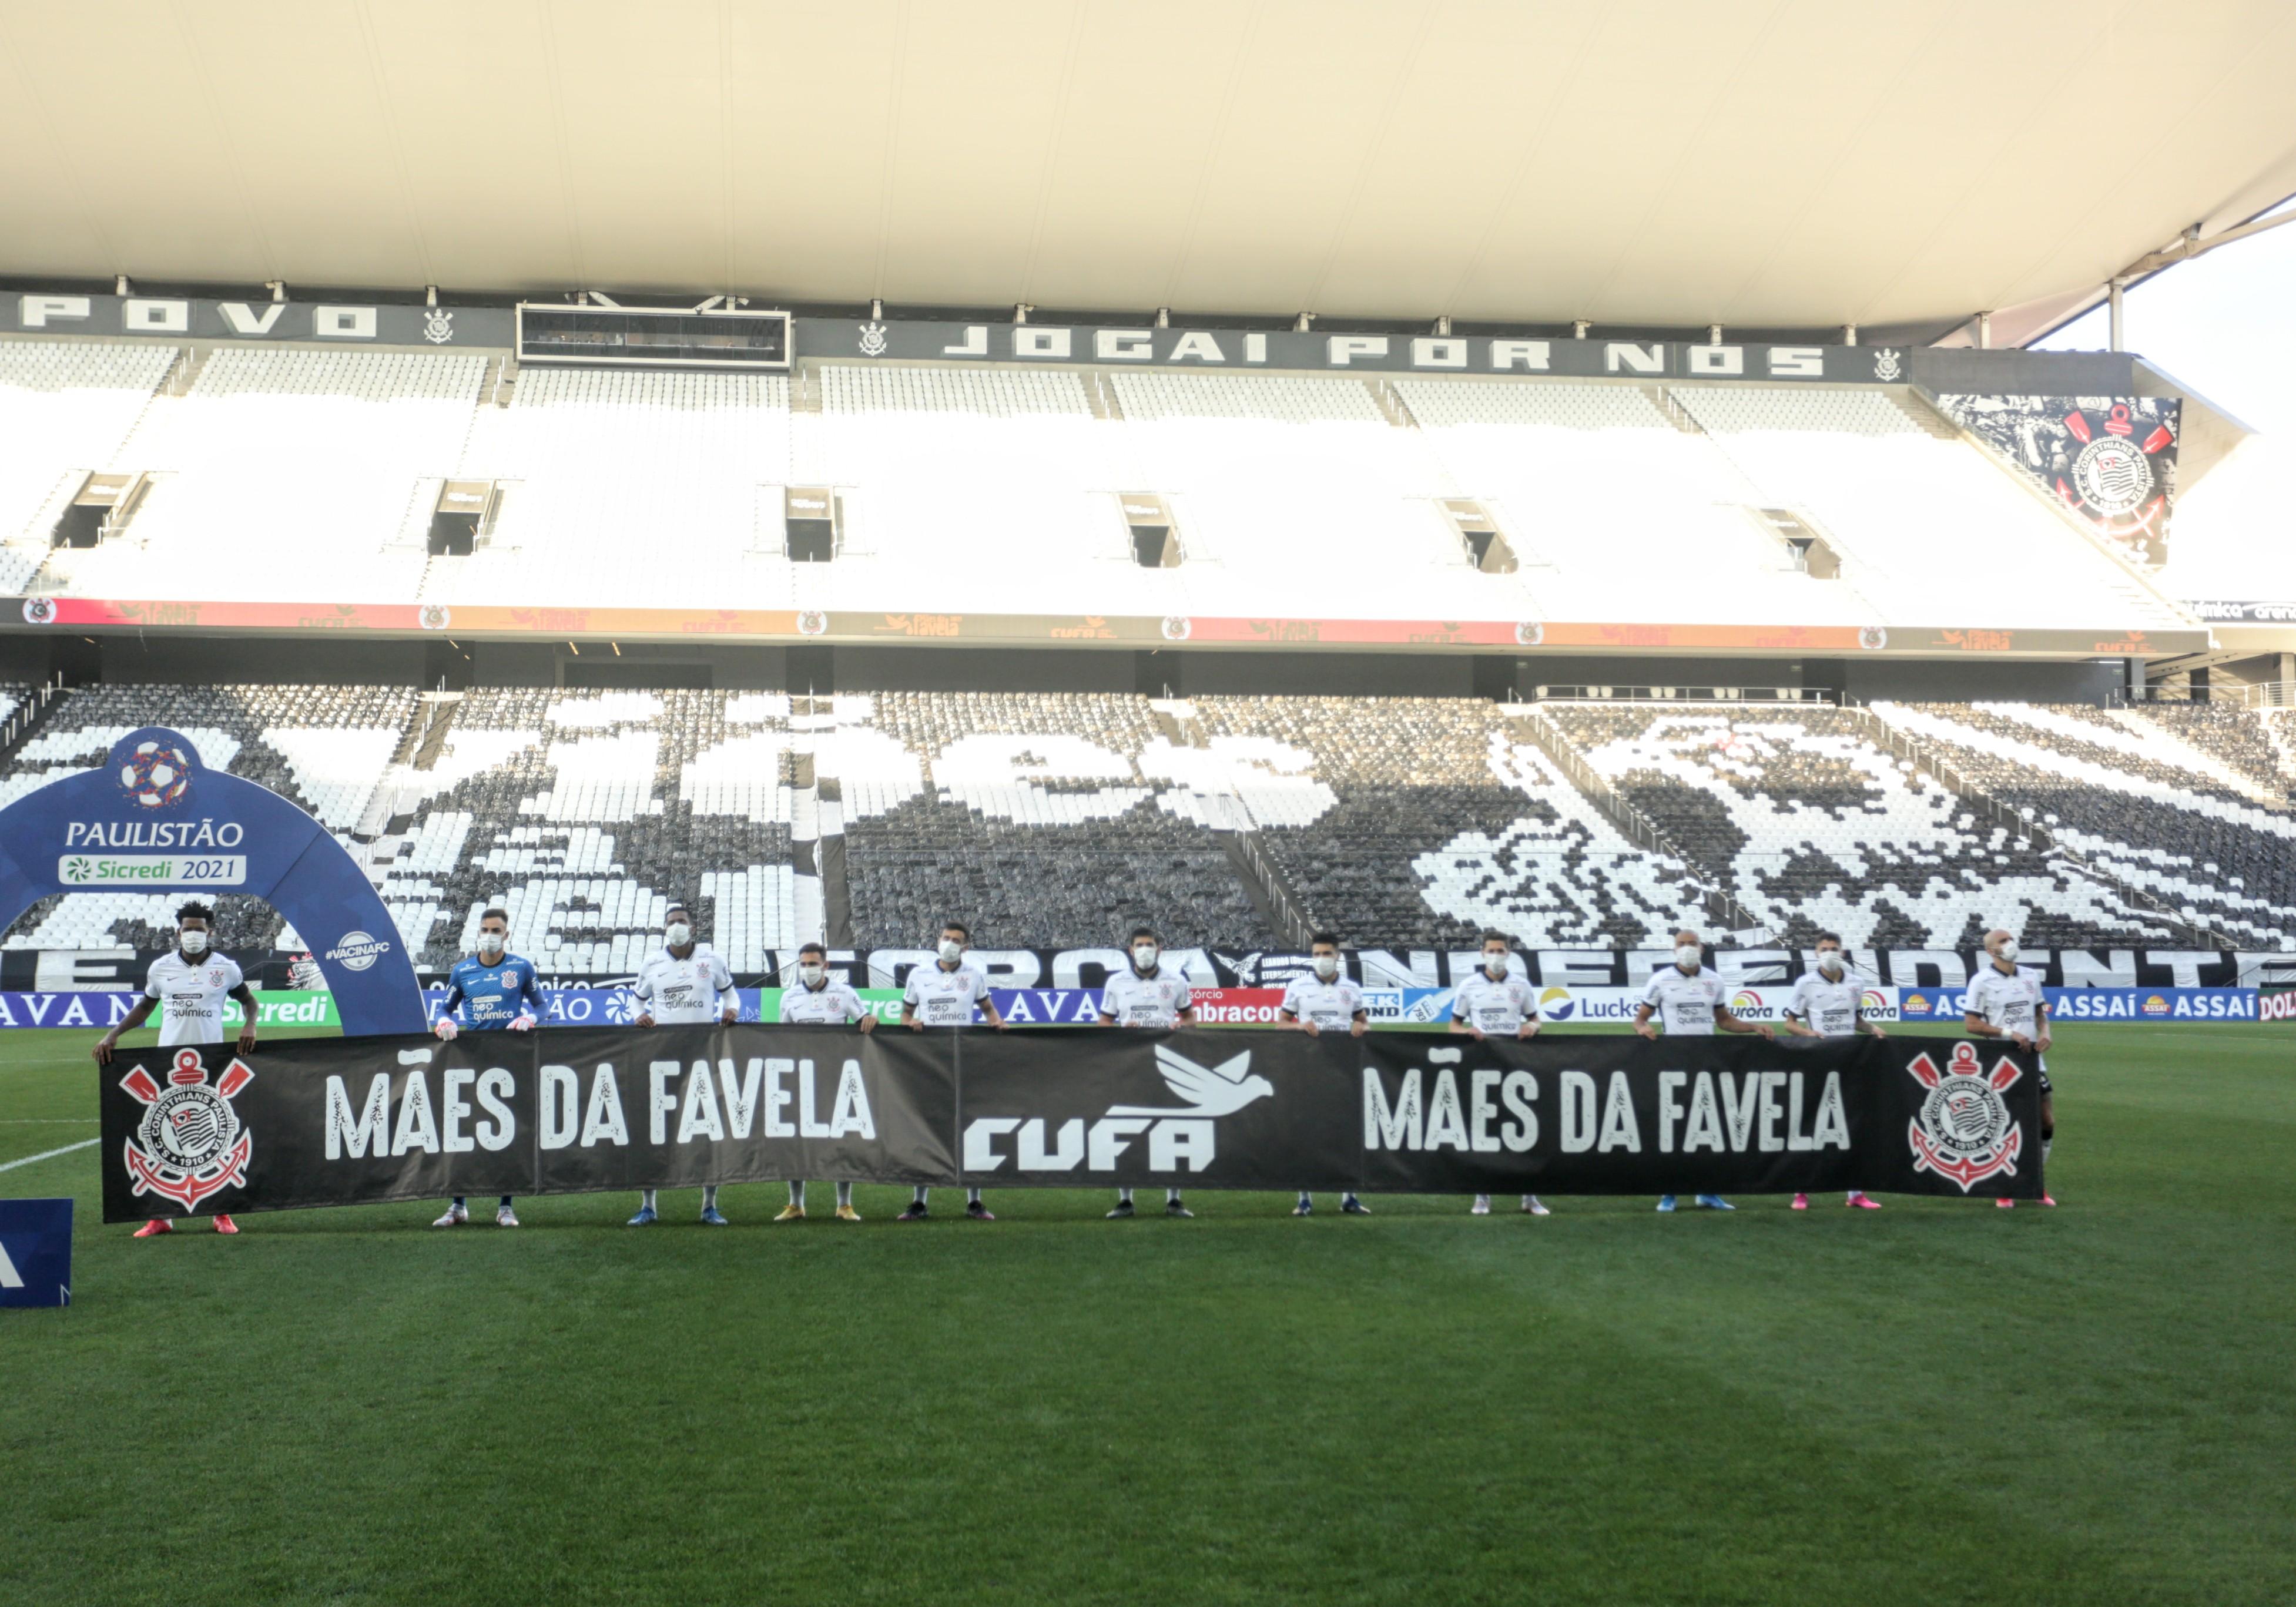 Não assistiu ao jogo? Leia aqui o resumo e ficha técnica da partida entre Corinthians e Novorizontino pelo Campeonato Paulista